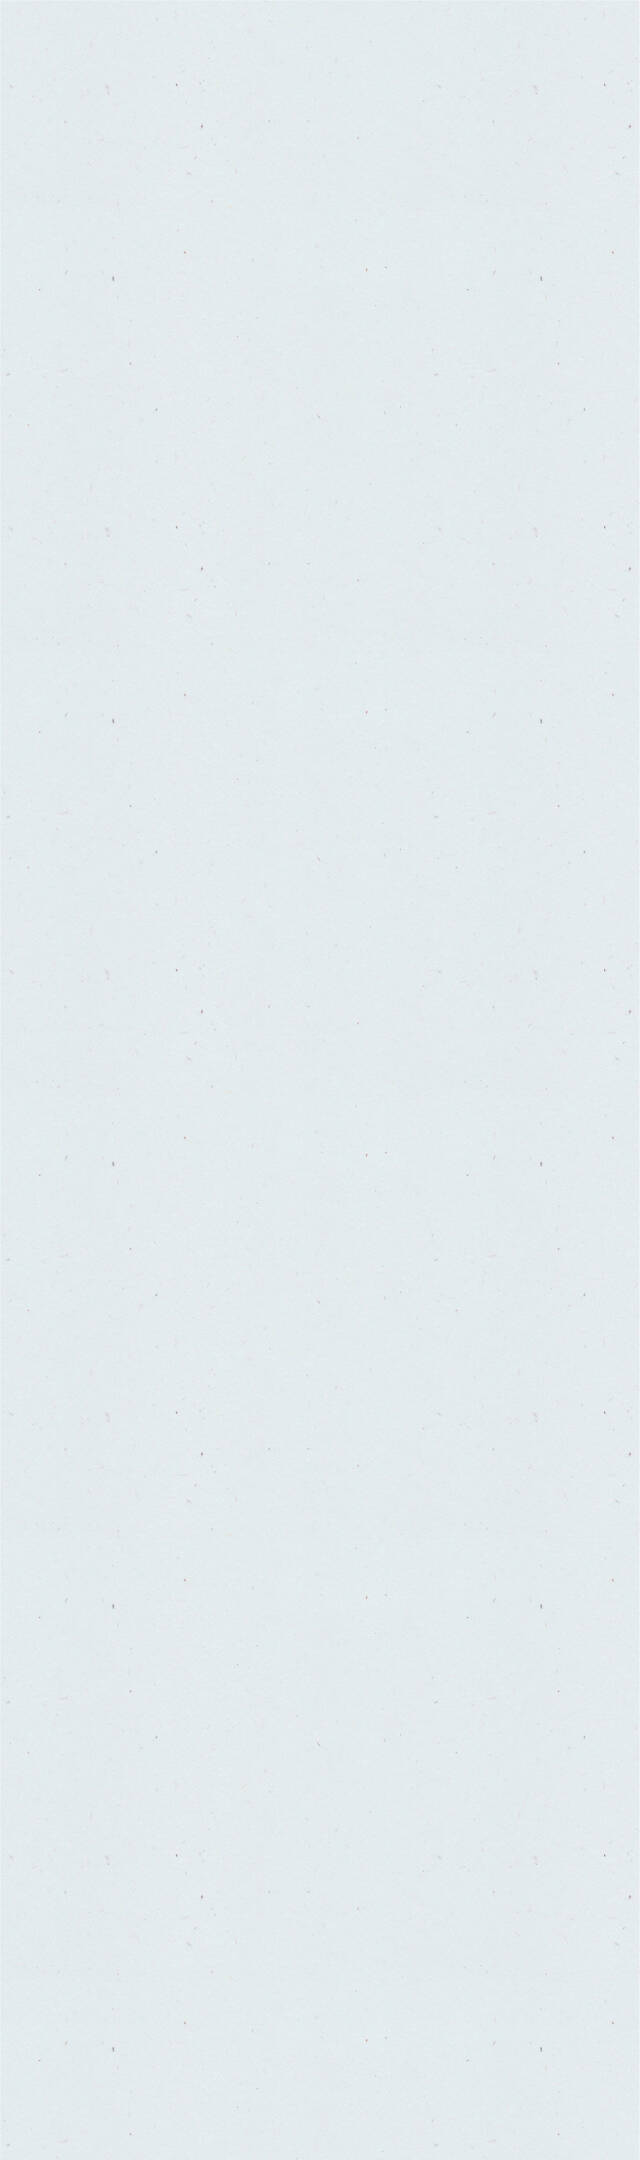 bg-paper-100.jpg